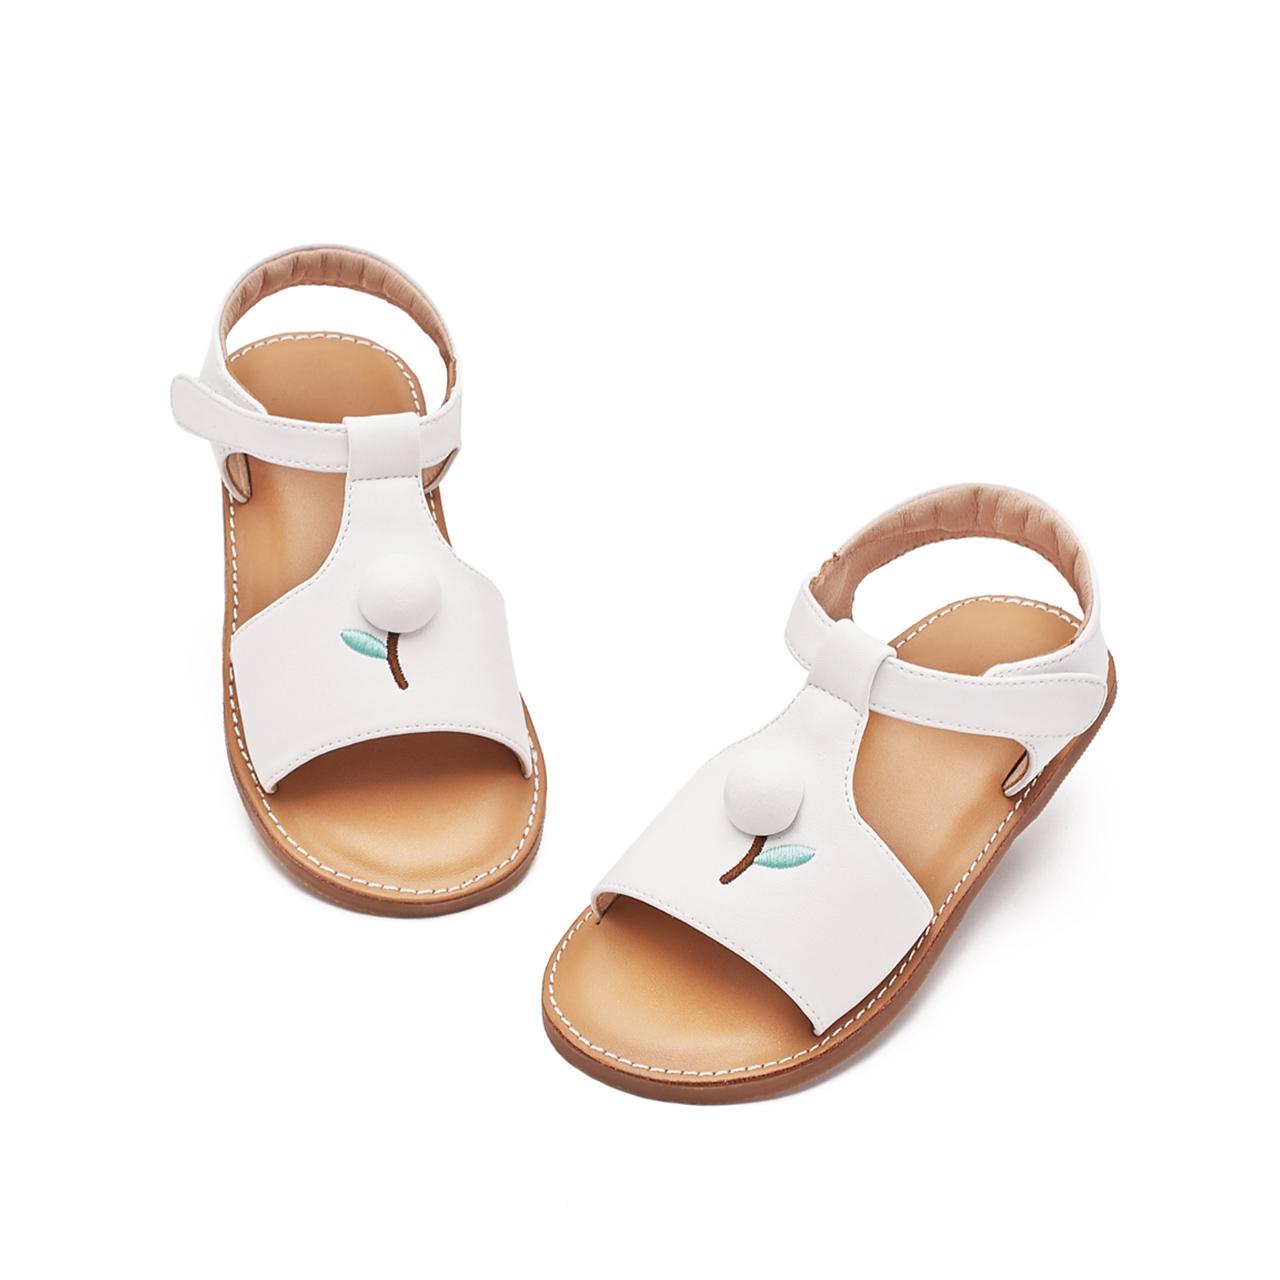 mrbaby女童凉鞋2019夏季新款中大童时尚宝宝软底小公主儿童凉鞋女